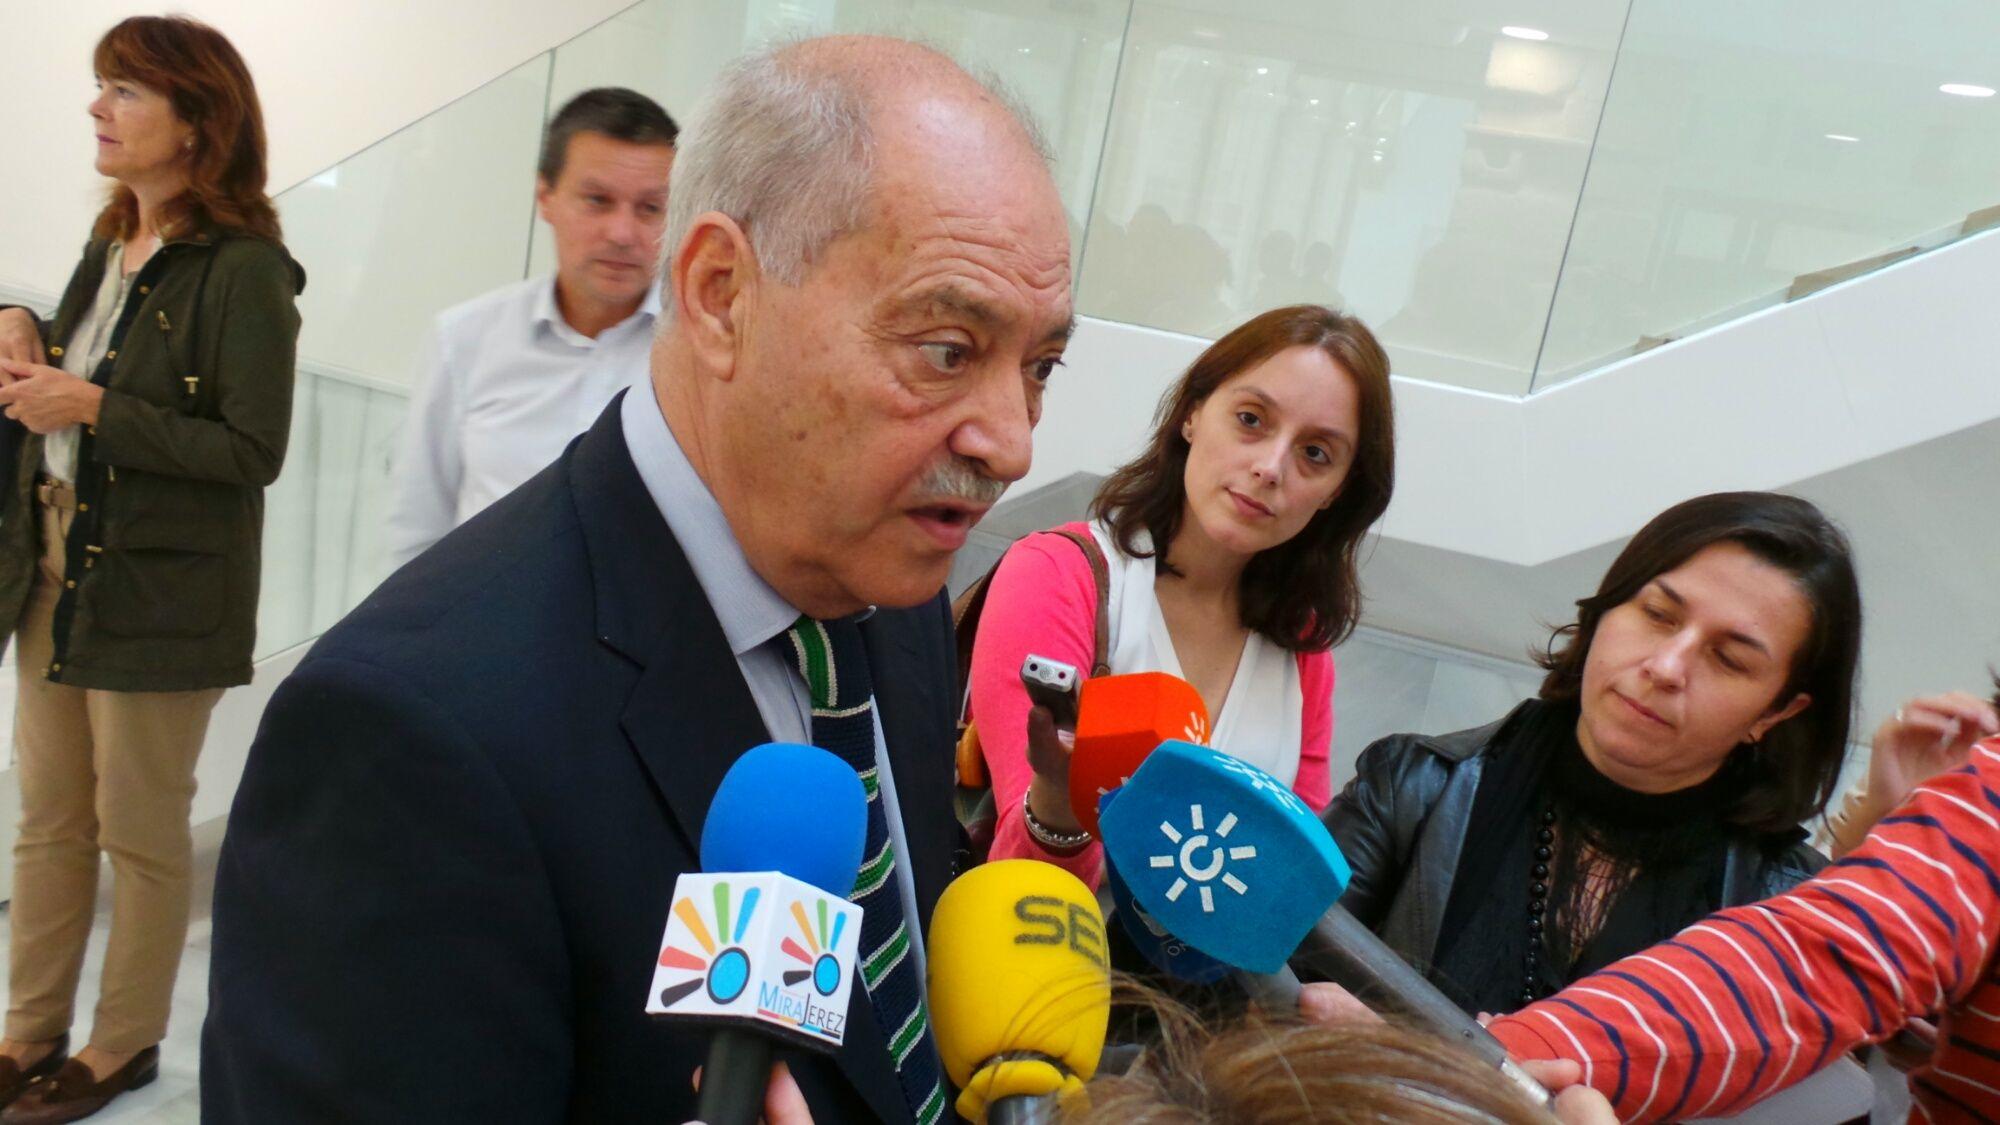 Jorge Ramos atendiendo a los medios de comunicación en la inauguración en Jerez del vivero de empresas del edificio Convento de San Agustín